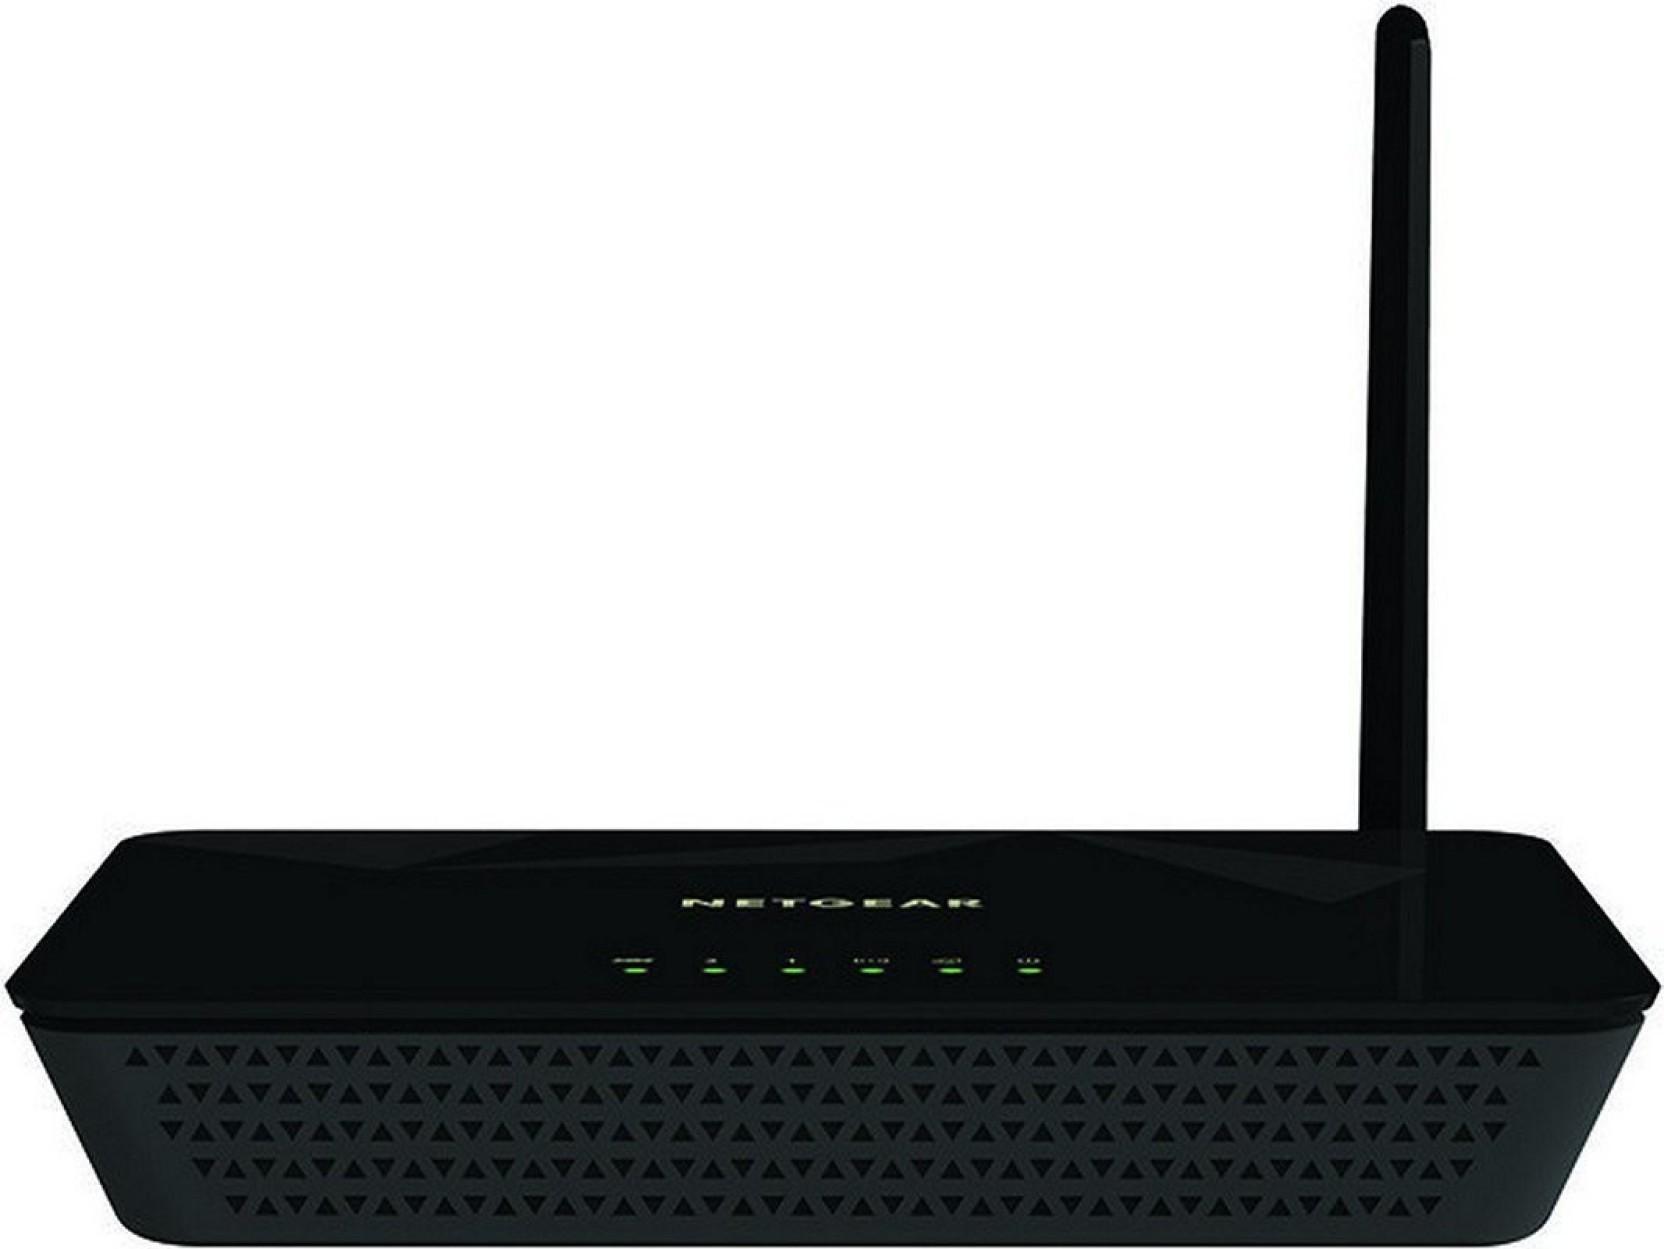 beautiful netgear n150 wireless router setup photos electrical Chromecast Wiring Diagram netgear d500 n150 wi fi modem router netgear flipkart com Safety Vision Wiring Diagram